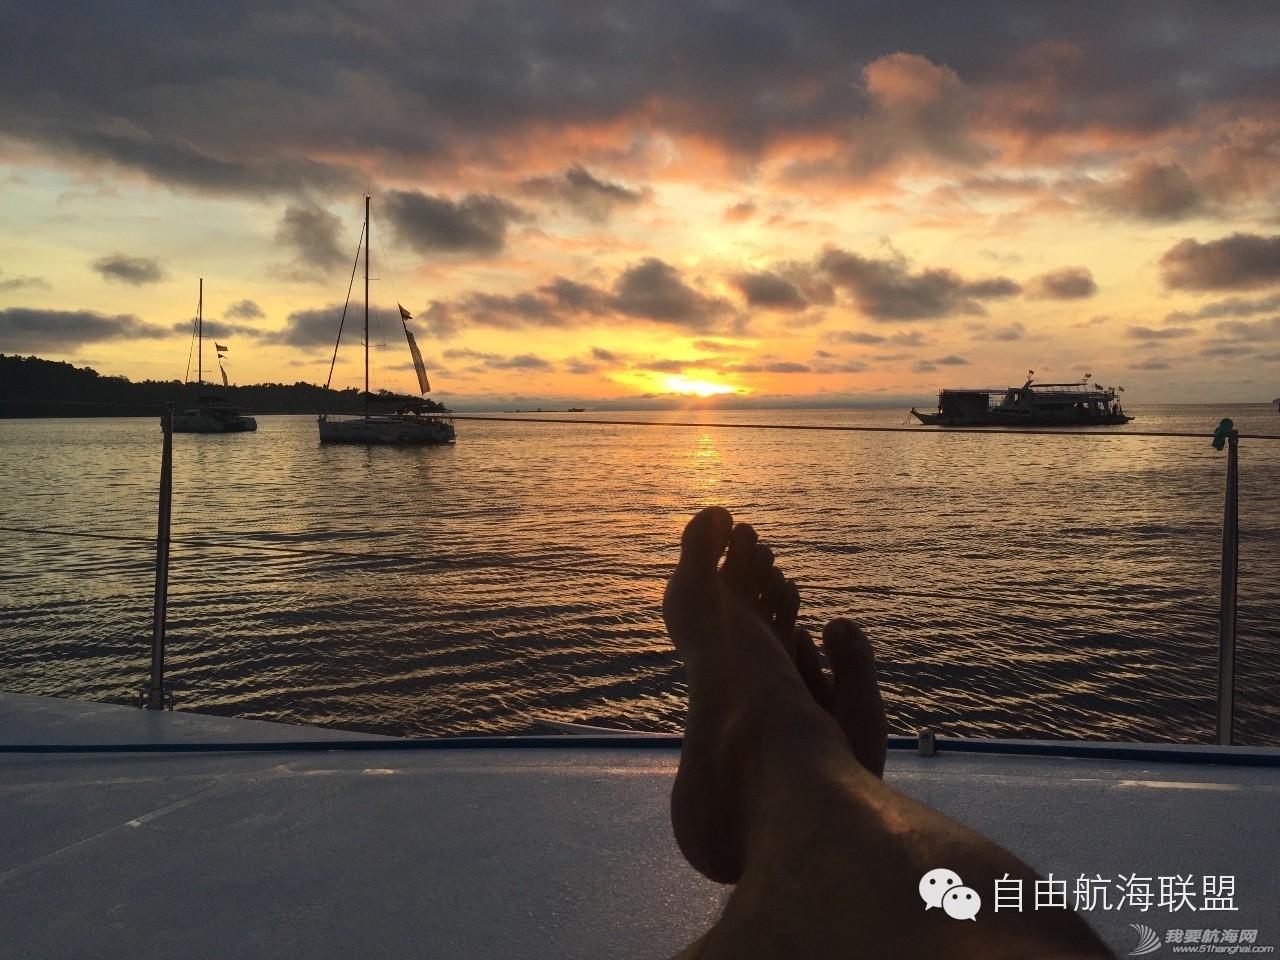 泰国 泰国安达曼海 游艇&美人鱼写真之旅 5d80951dc6baf613999c42839cbe079f.jpg